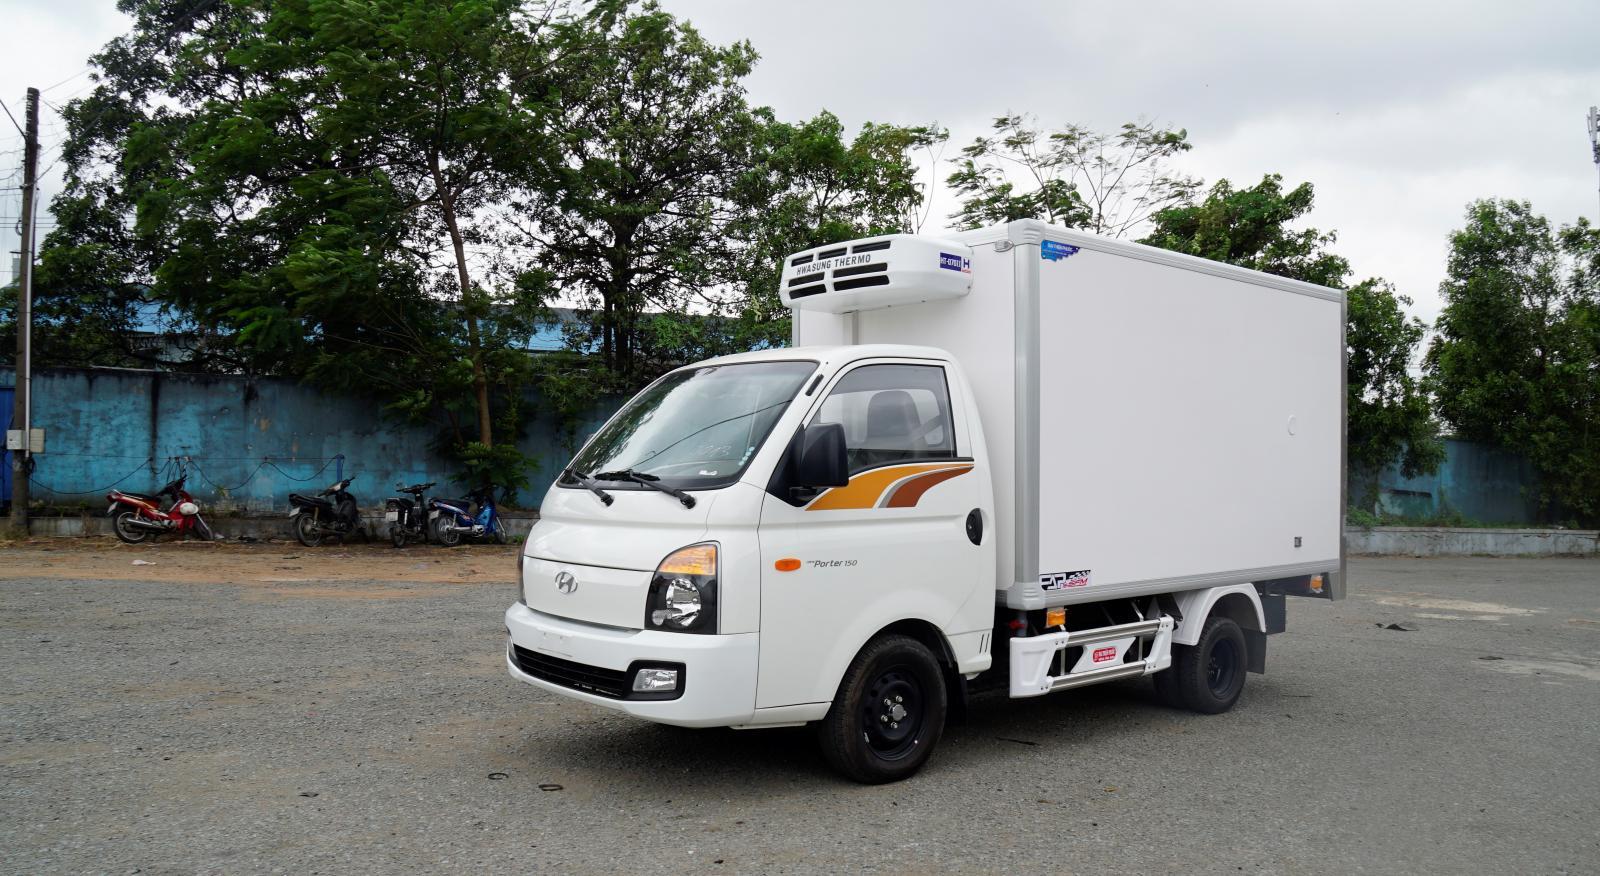 Bán xe Hyundai 1T đông lạnh, giá rẻ, xe có sẵn, giao ngay, ưu đãi quà tặng hấp dẫn cho xe đông lạnh